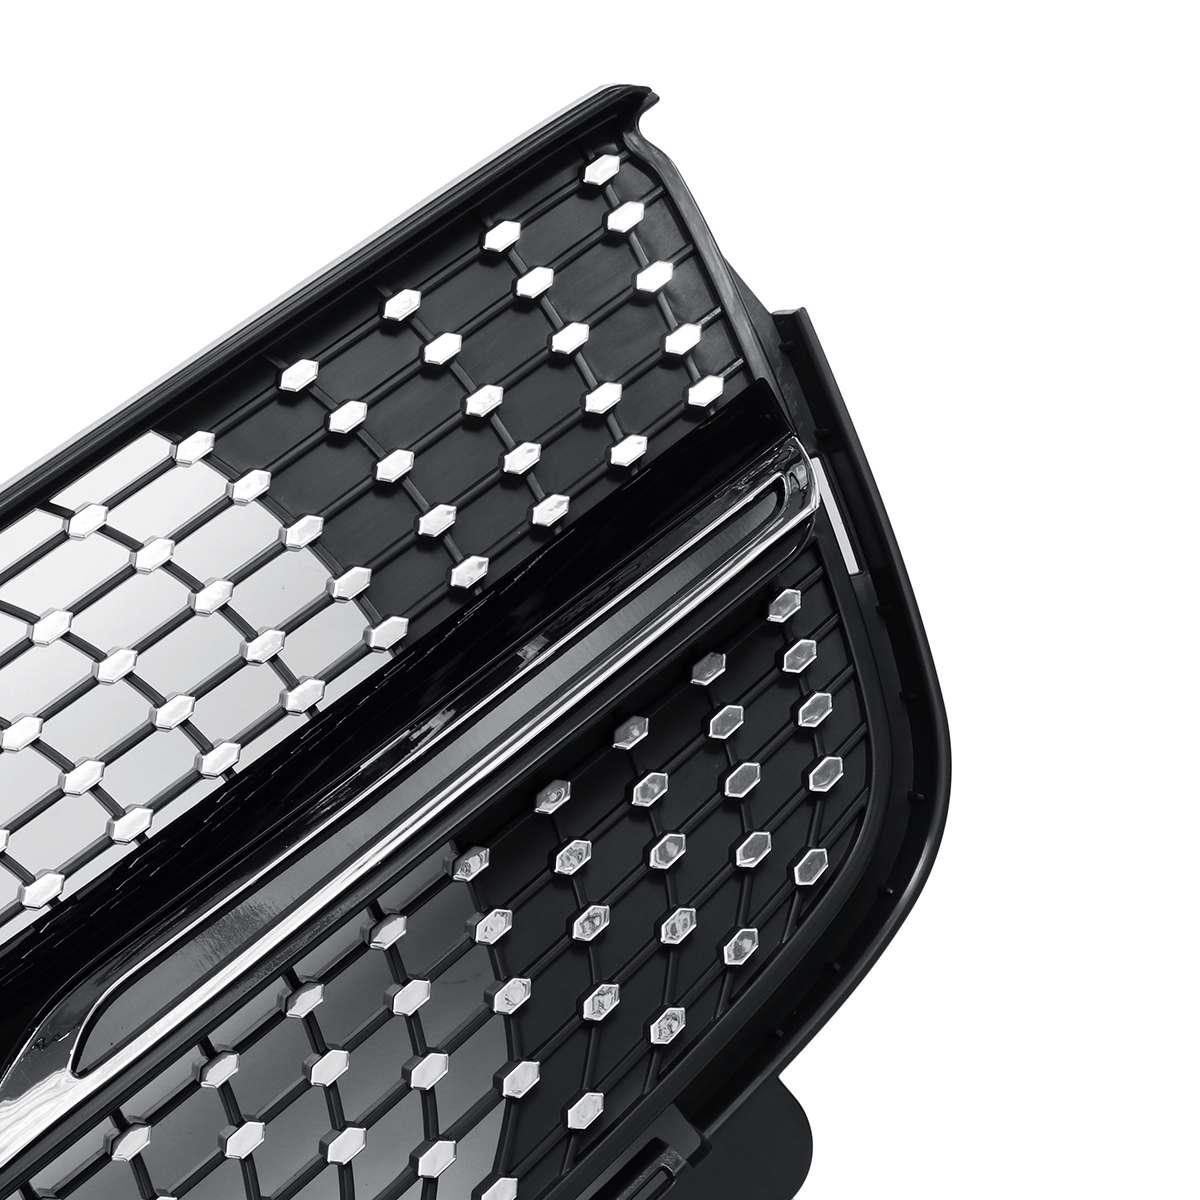 Gril de calandre avant de voiture X164 Diamond Grill pour Mercedes ForBenz X164 GL320 GL450 GL350 2007-2012 grilles de course - 6